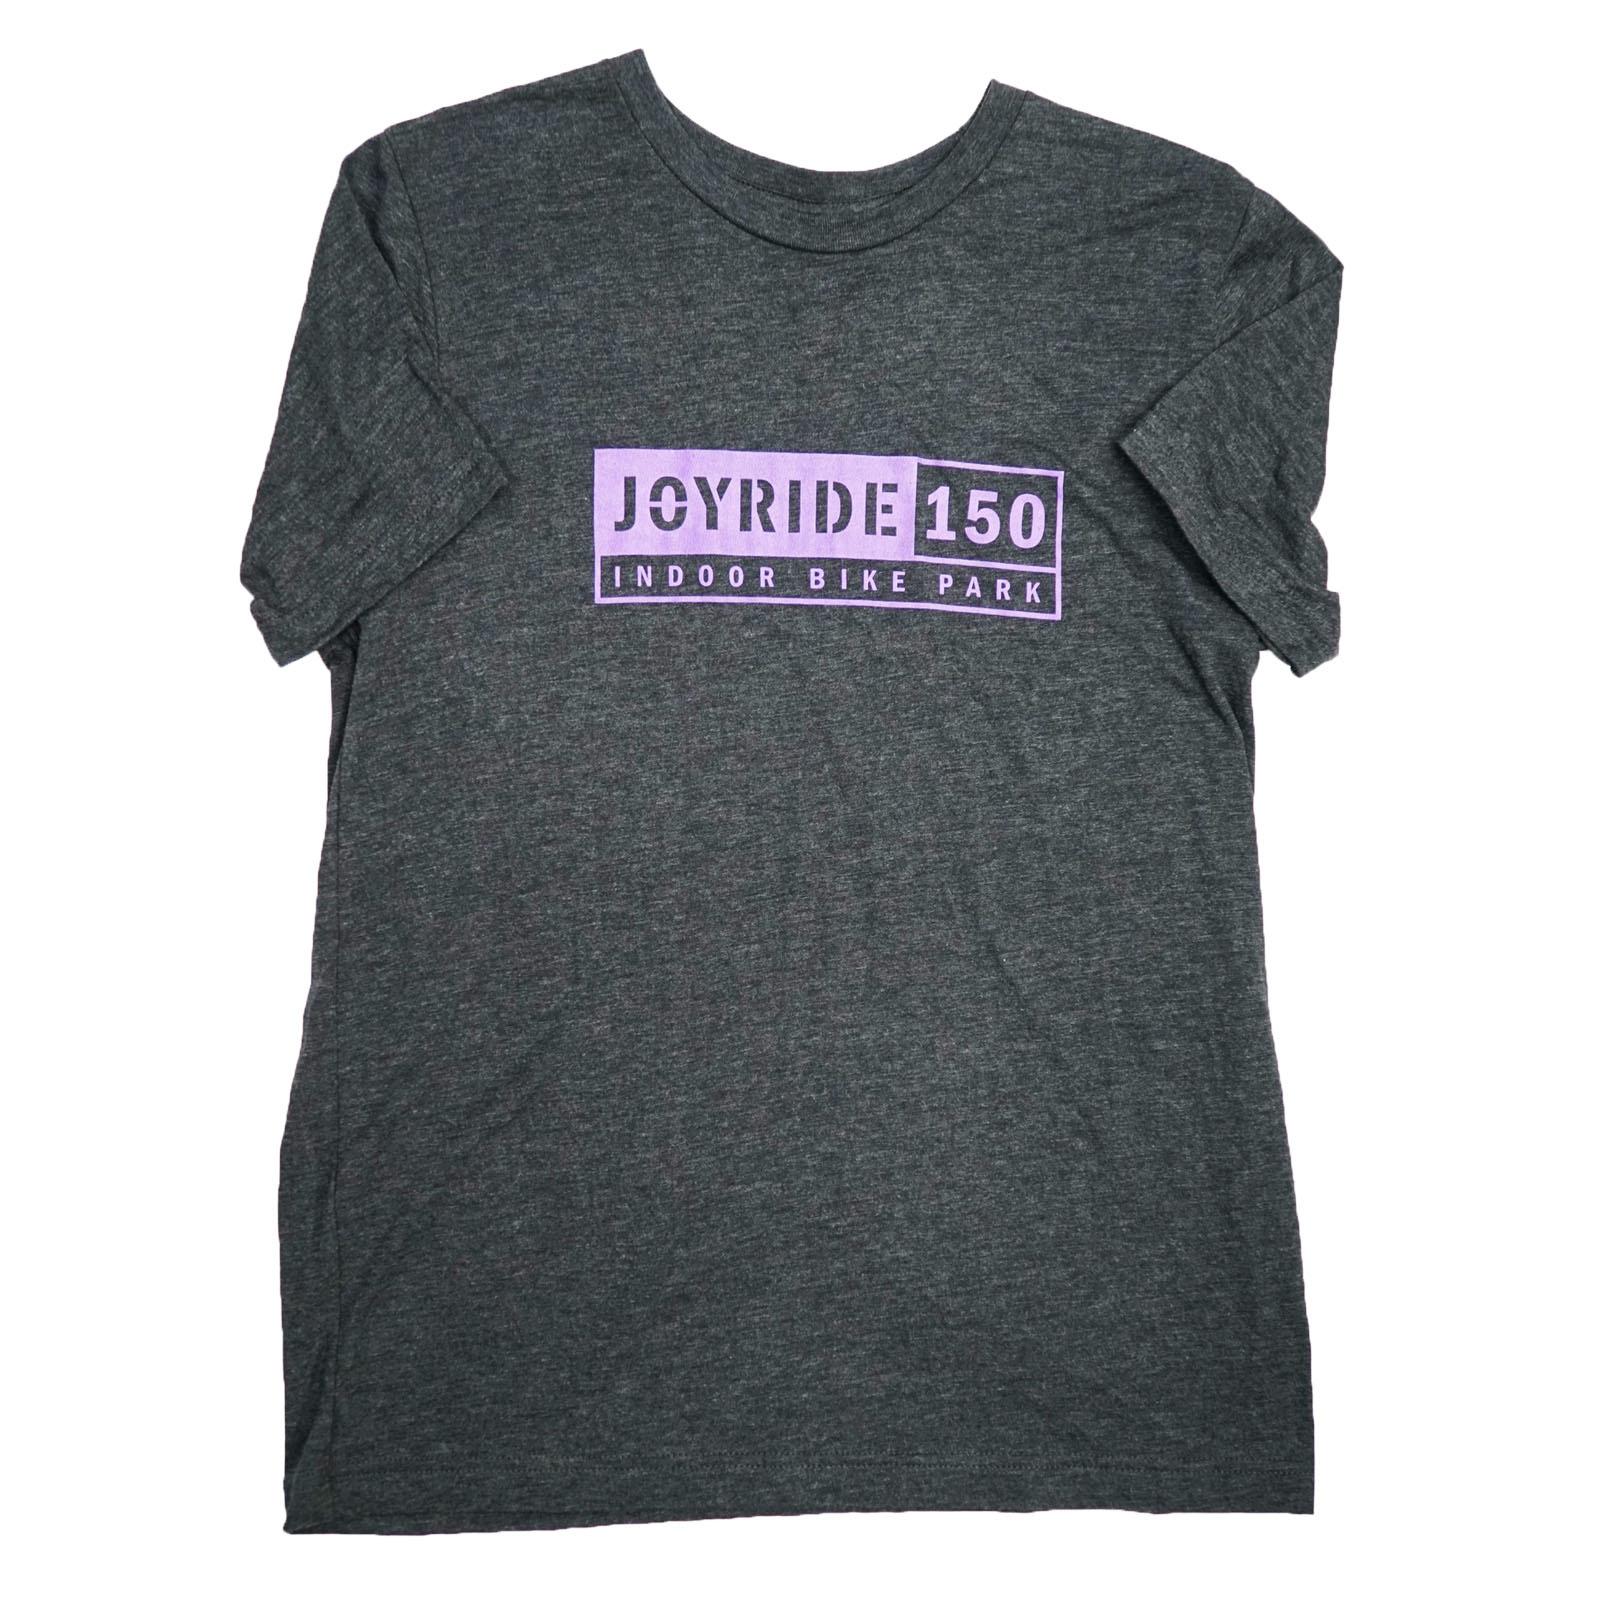 Joyride 150 Premium Tee